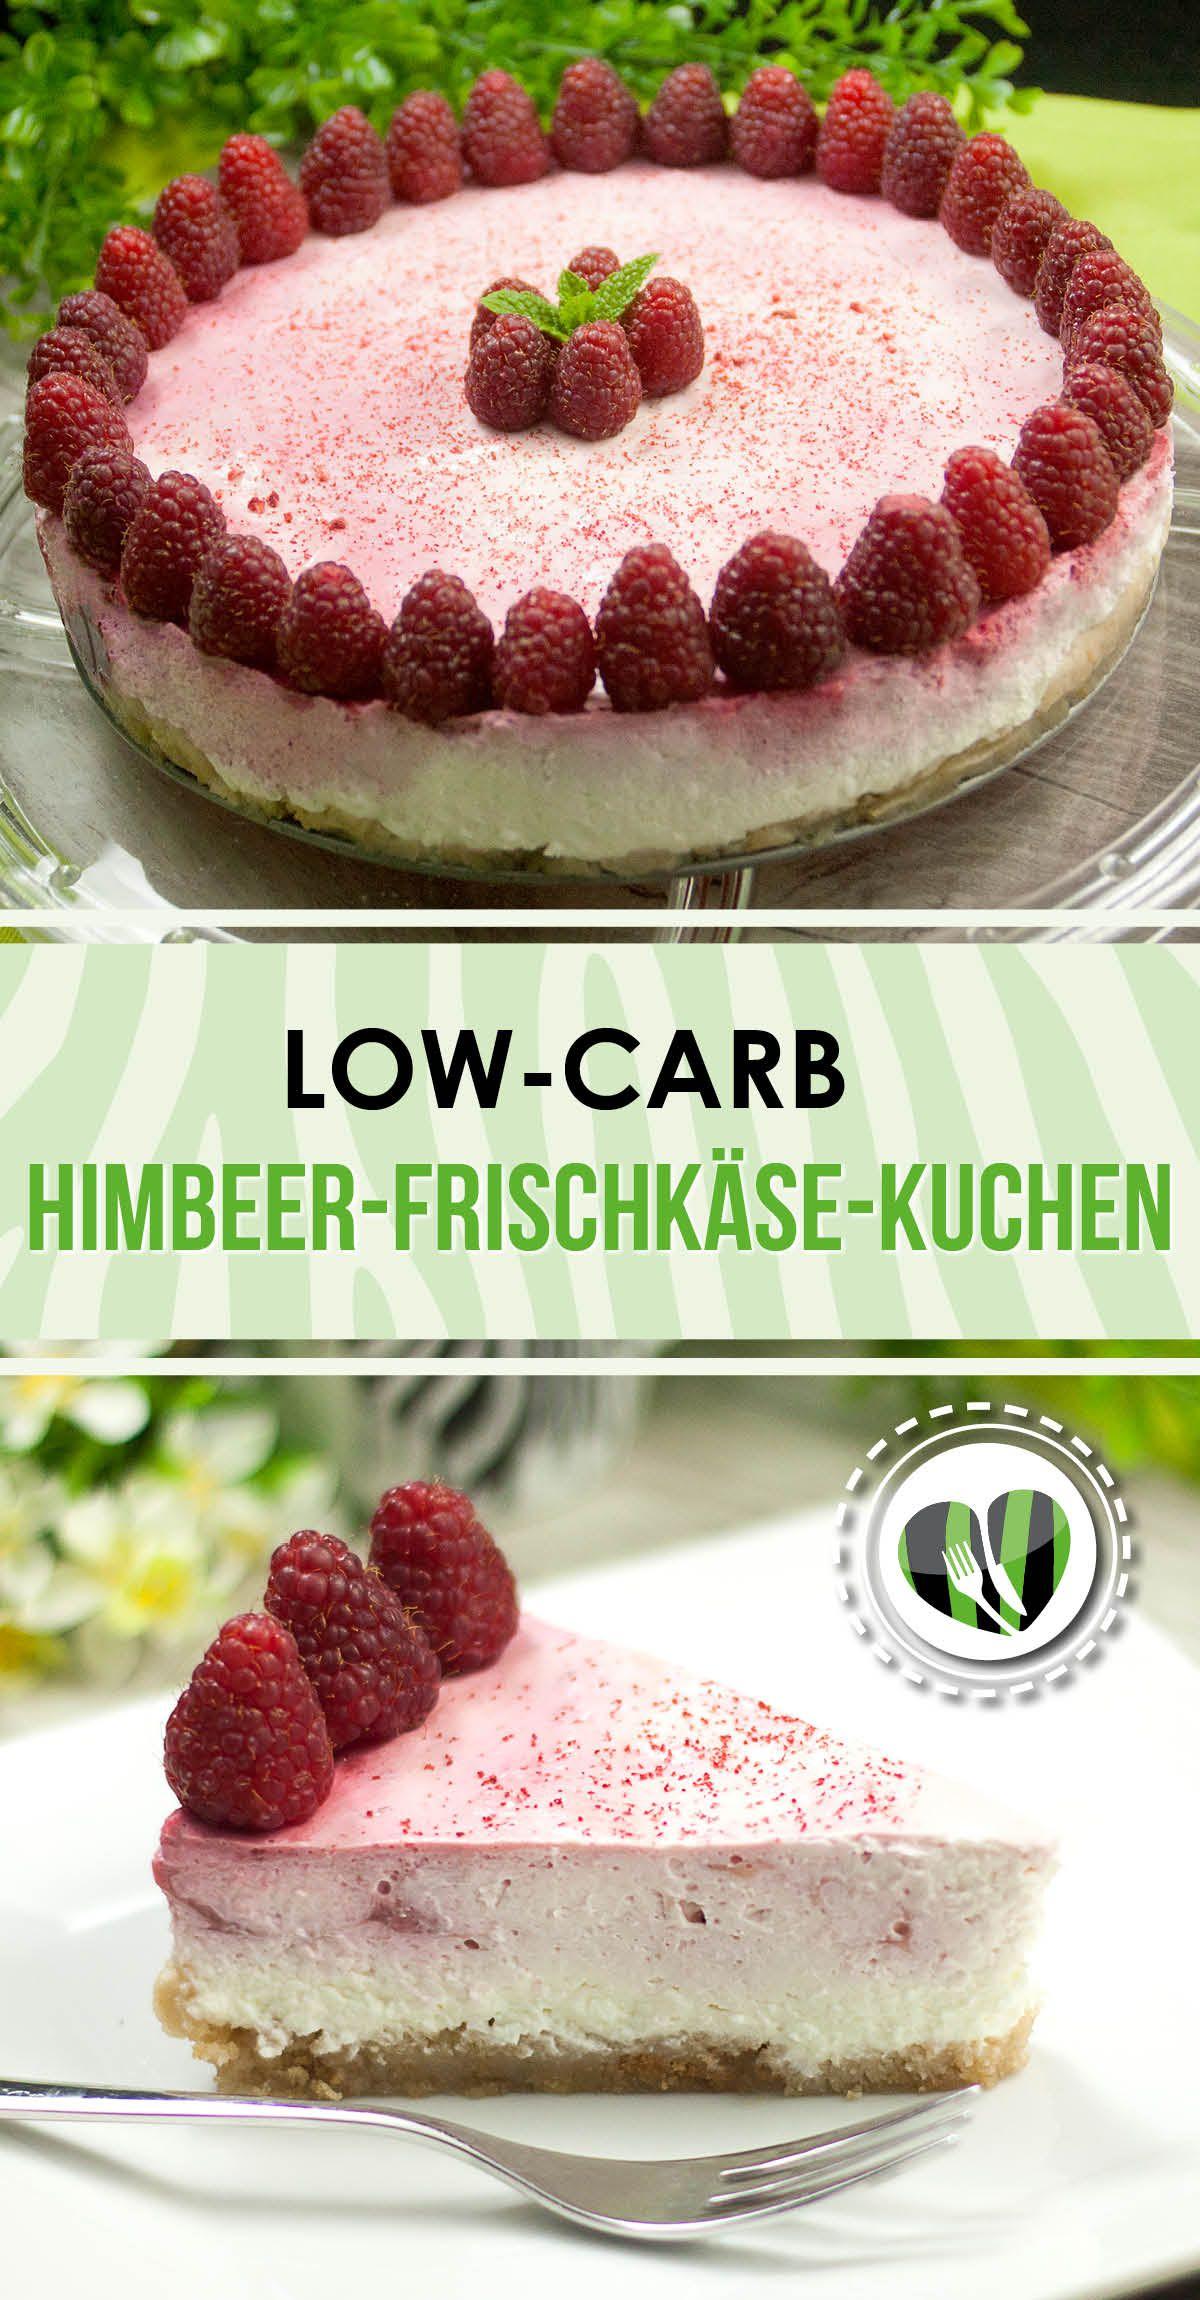 Frischkase Kuchen Ohne Backen Rezepte Erdbeer Nobake Joghurt